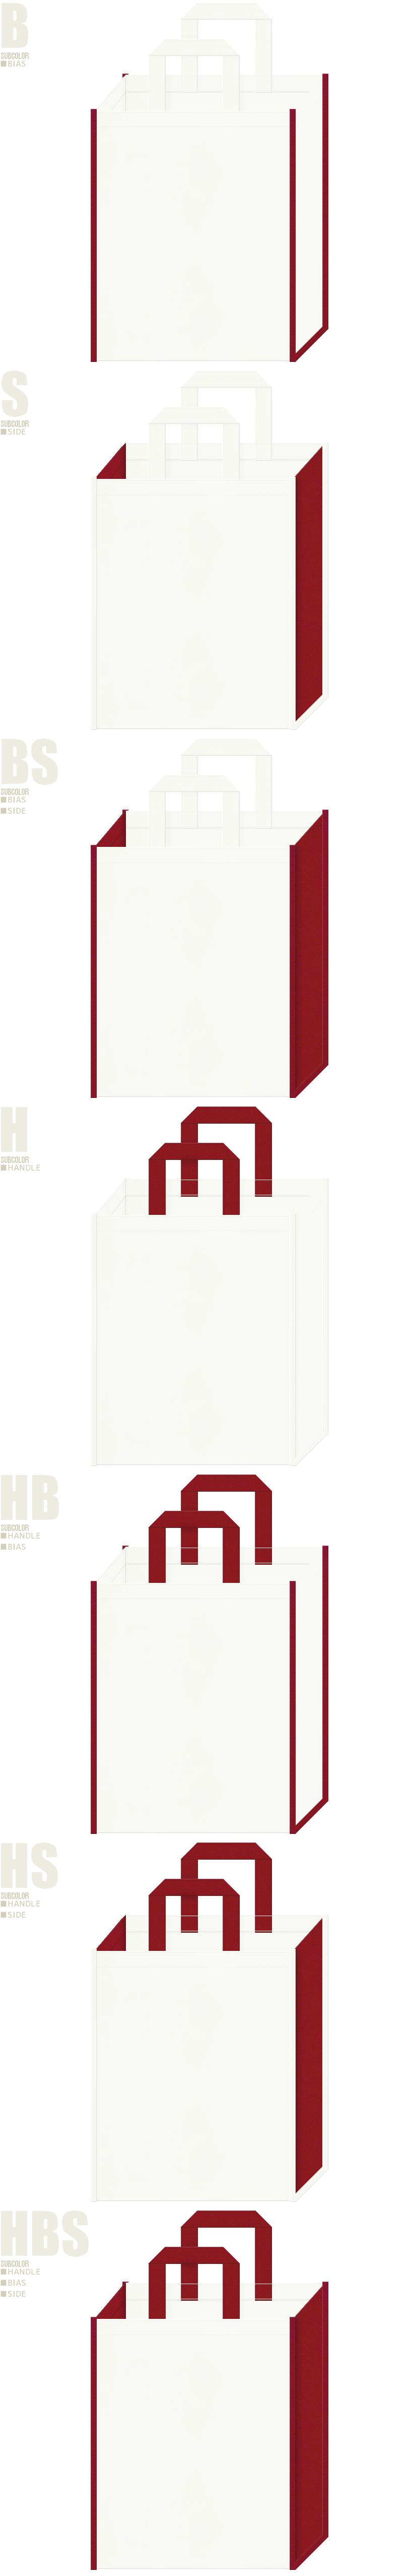 学校・オープンキャンパス・回転寿司・和菓子・和風催事・振袖・着物の展示会用バッグにお奨めの不織布バッグデザイン:オフホワイト色とエンジ色の不織布バッグ配色7パターン